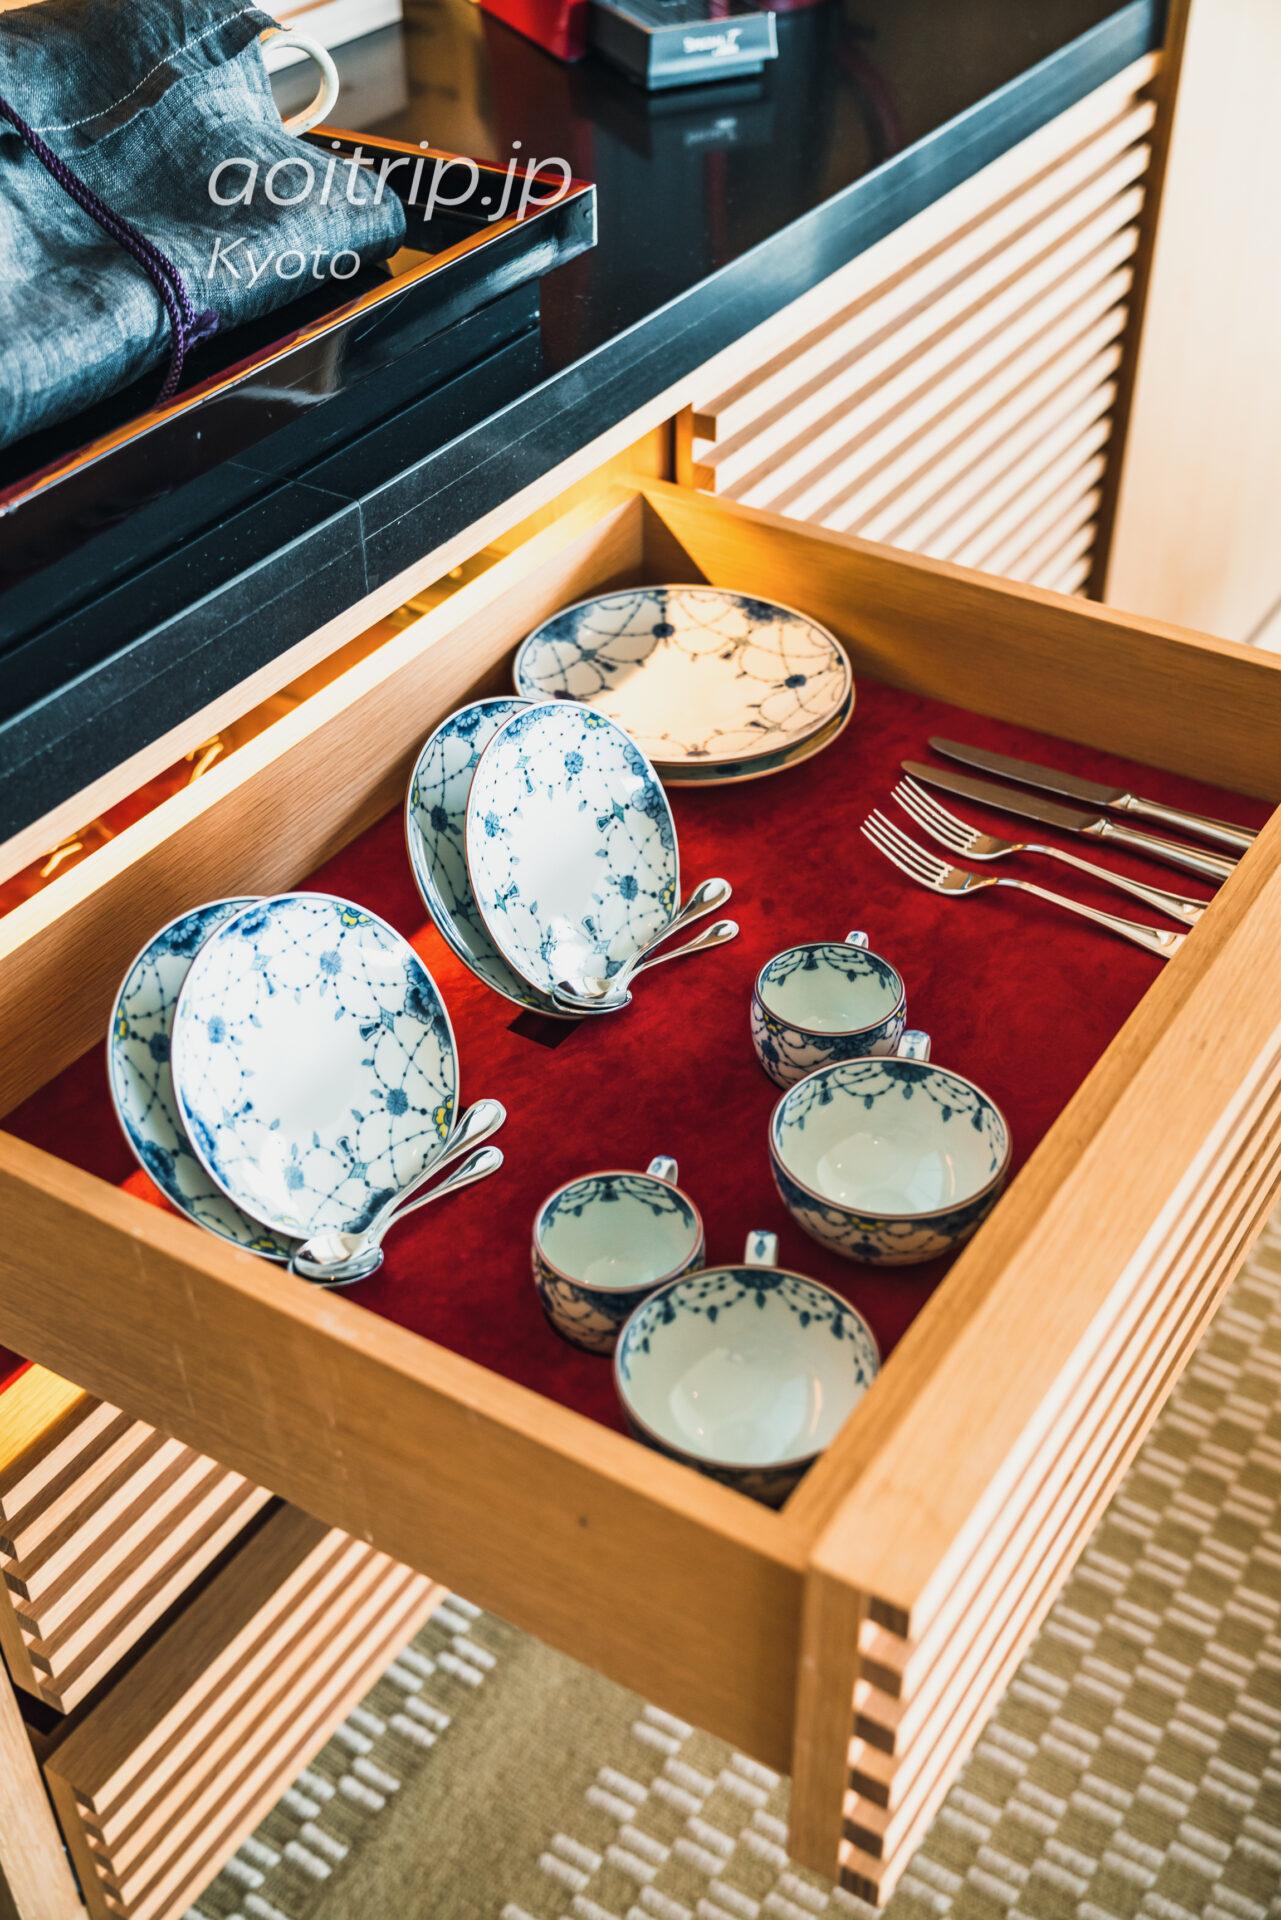 ザ リッツ カールトン京都 The Ritz-Carlton Kyoto コーナースイート KITA Courner Suite KITA